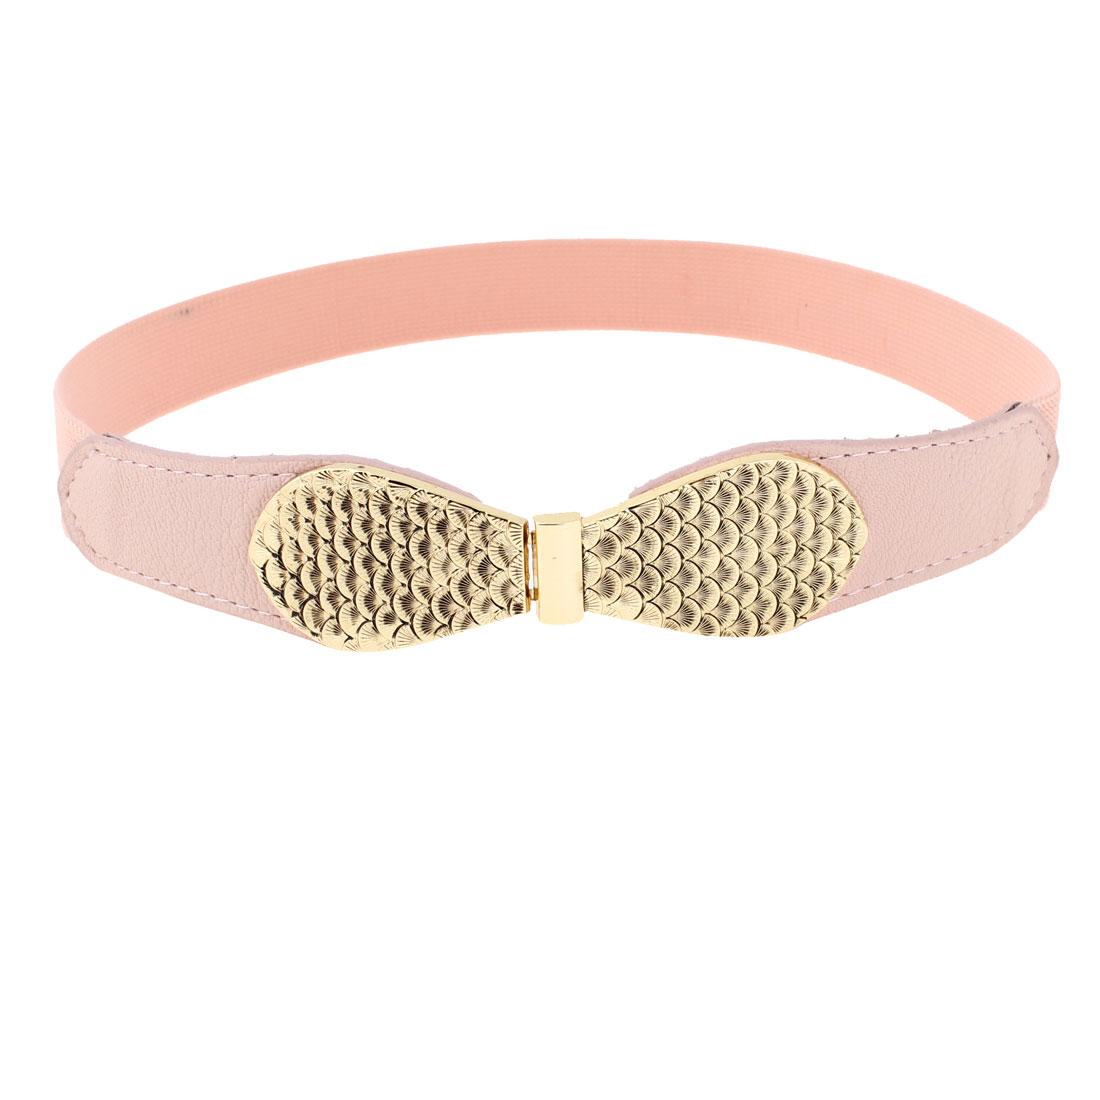 Fish Scale Pattern Metallic Interlock Buckle Skinny Cinch Belt Pink for Women